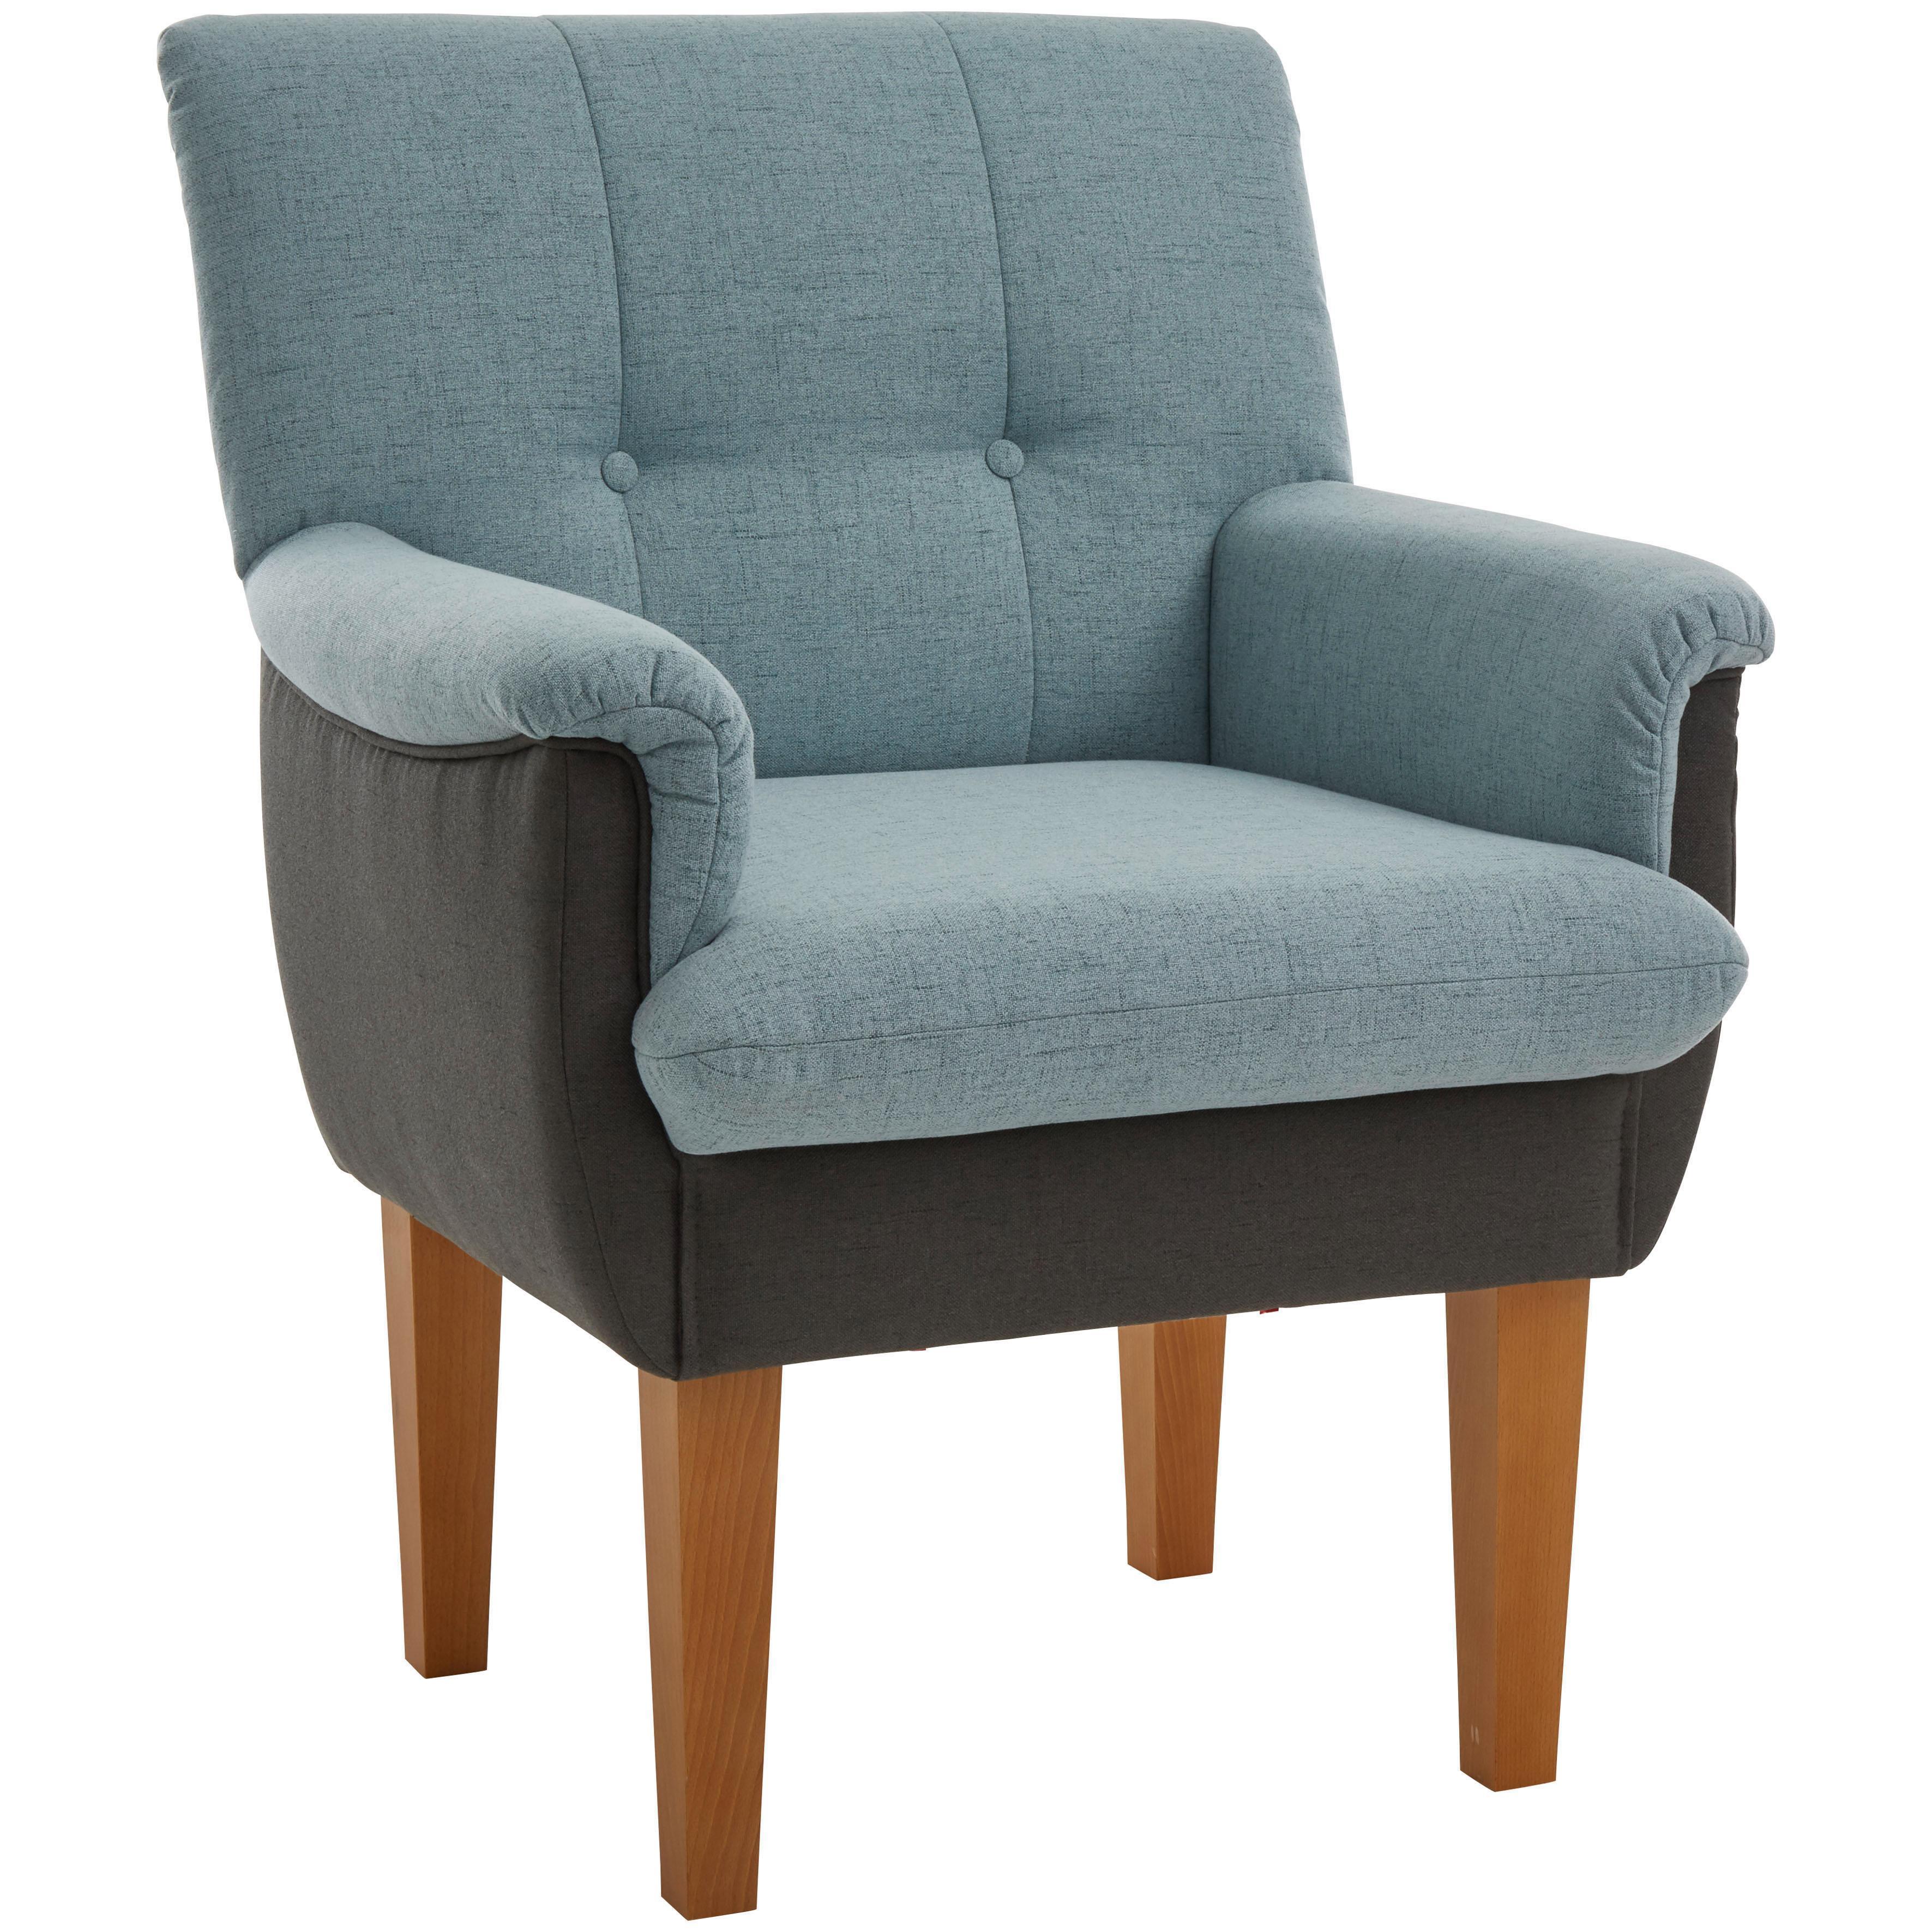 GMK Home & Living Sessel Luunja in 2 Farben